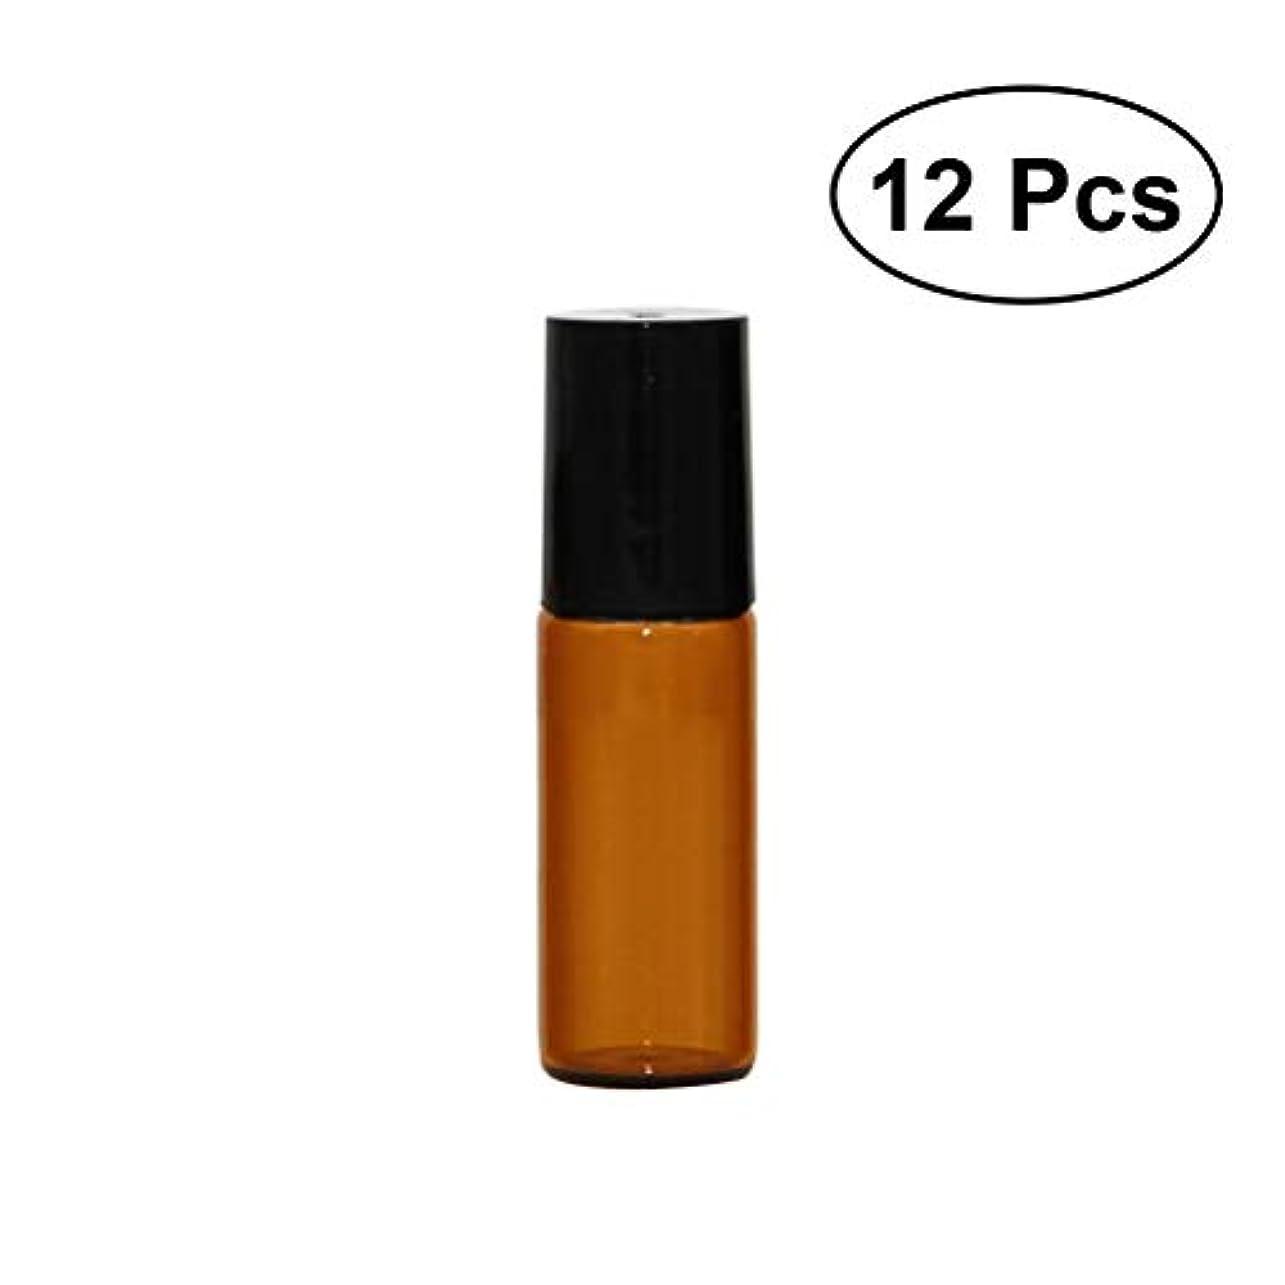 有益ママ取る12本セット 5ml ローオンボトル イプ 茶色 香水 精油 遮光瓶 ガラスロールタ小分け用 アロマボトル 保存容器